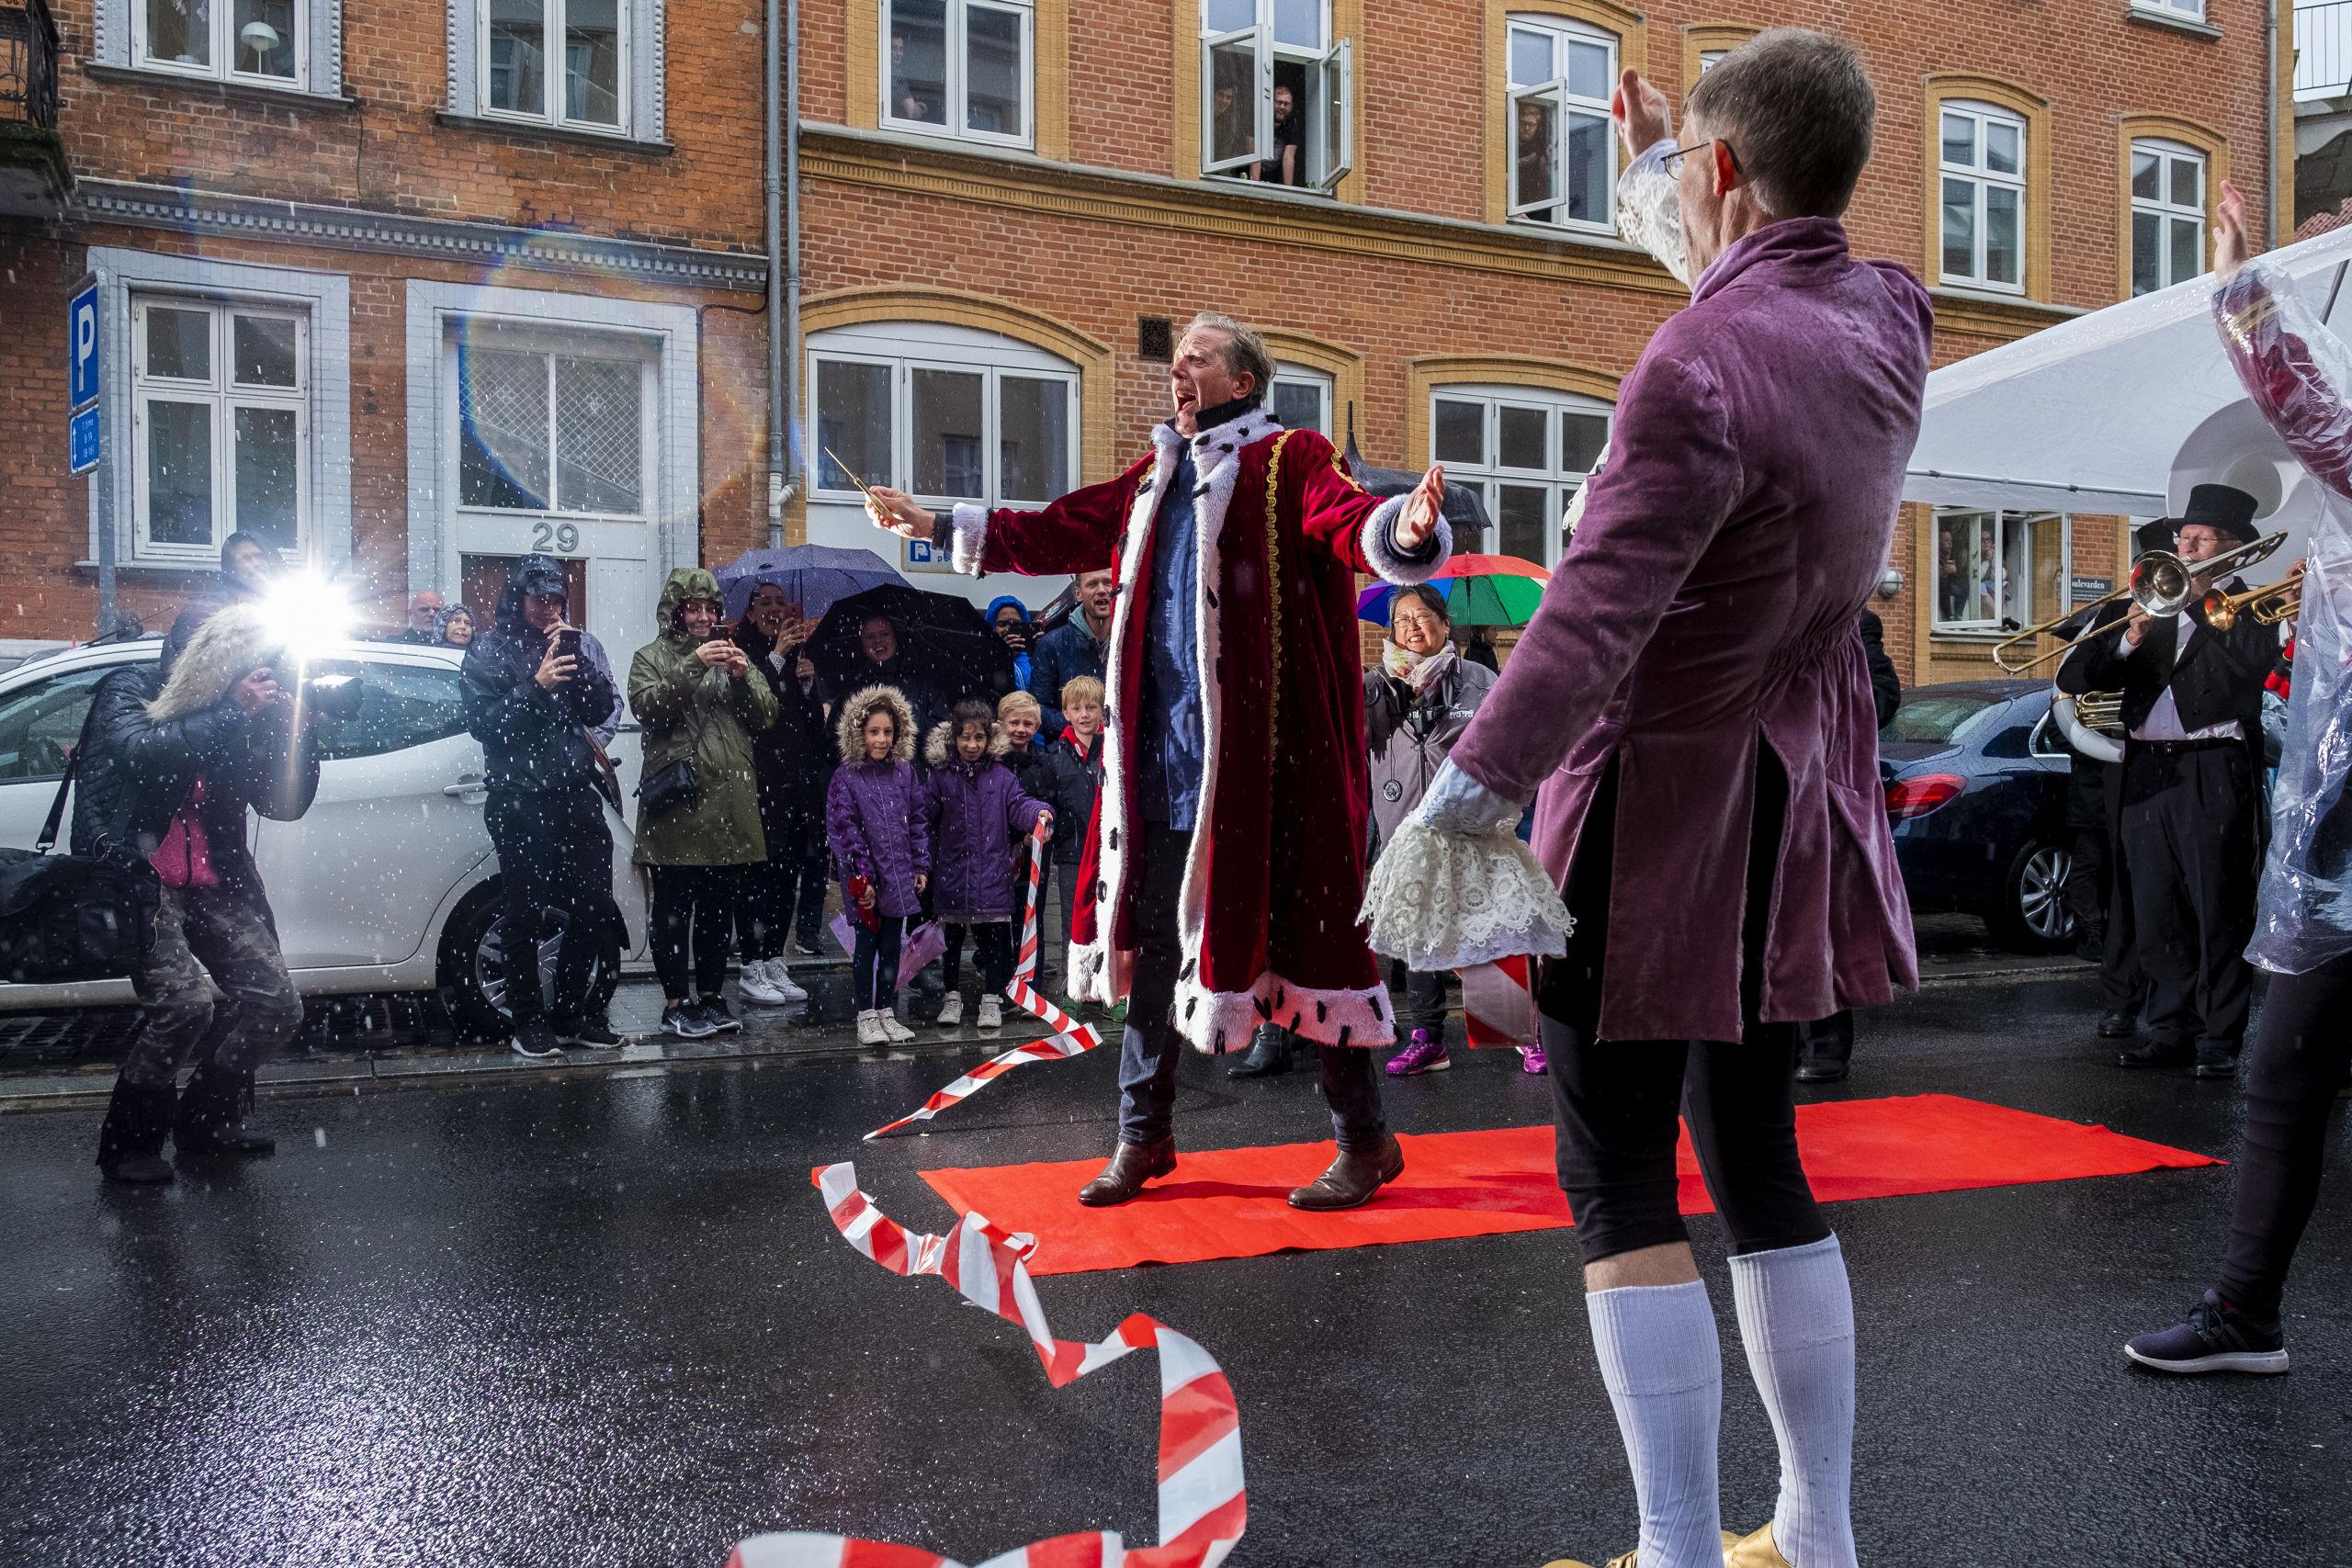 Det har i flere år været planen, at Peter Mygind en dag skulle være karnevalskonge - nu lykkedes det. Foto: Lasse Sand